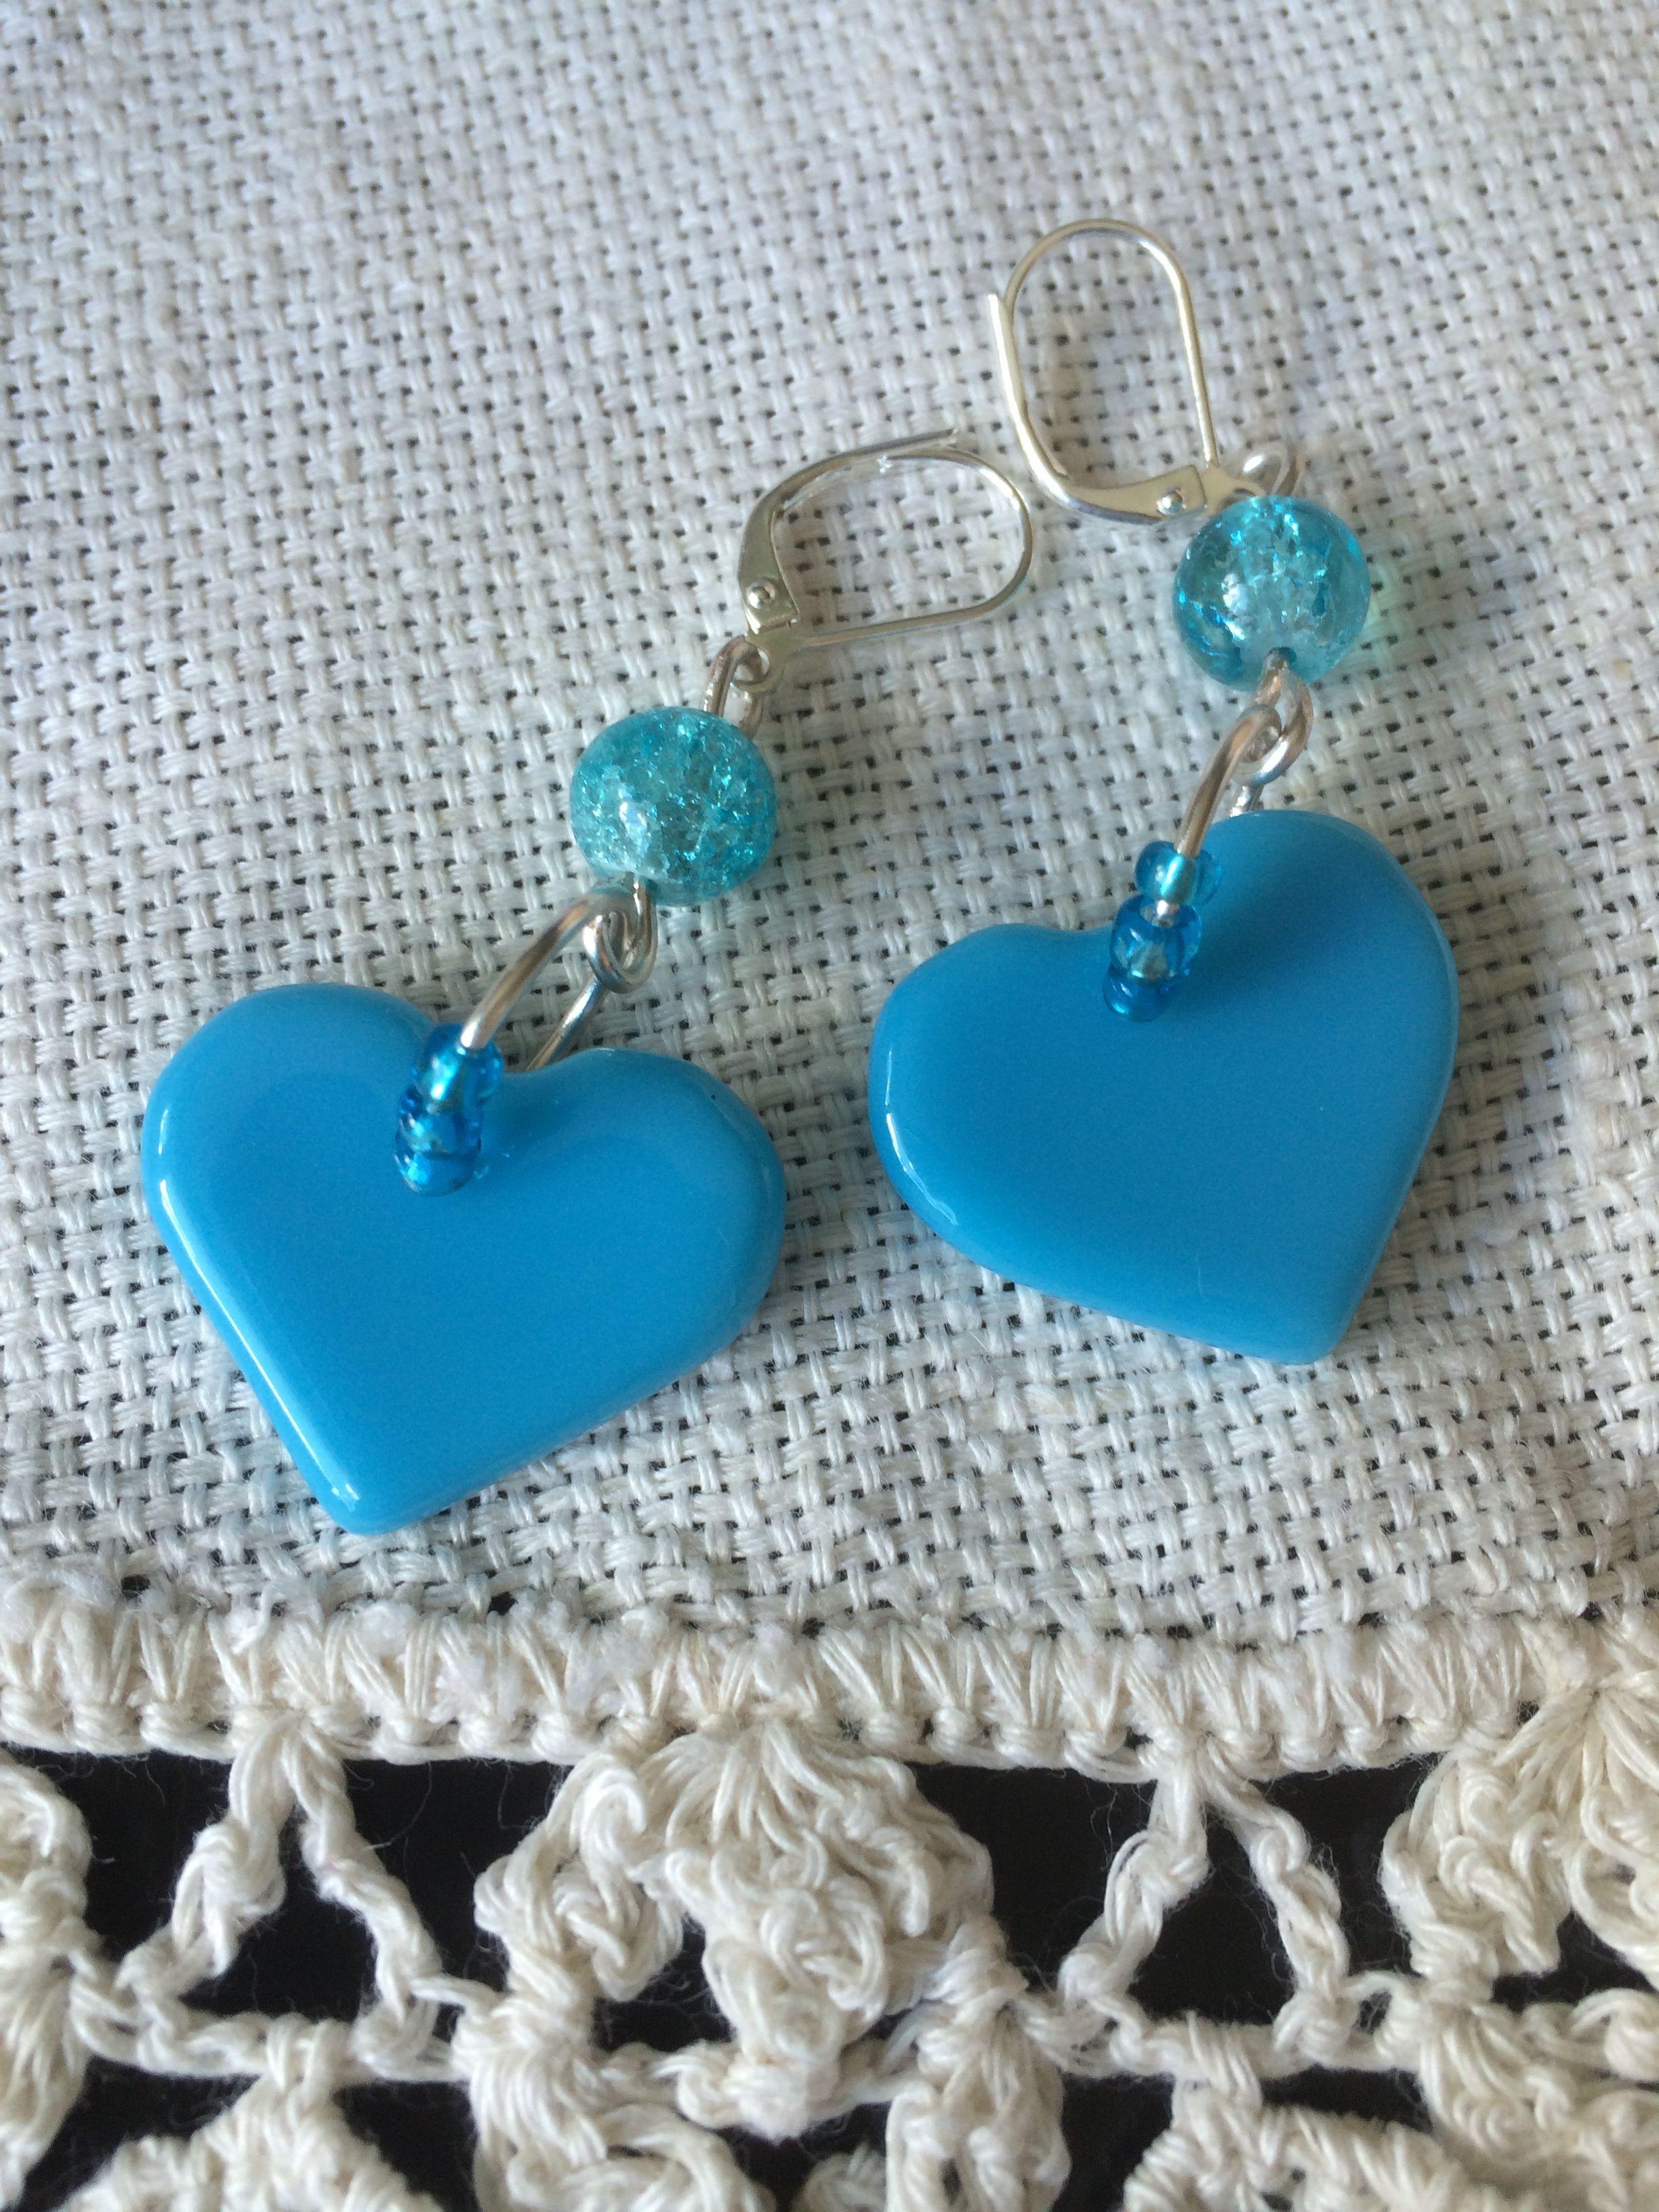 sinised käsitööklaasist südamed ja mõralised helmed